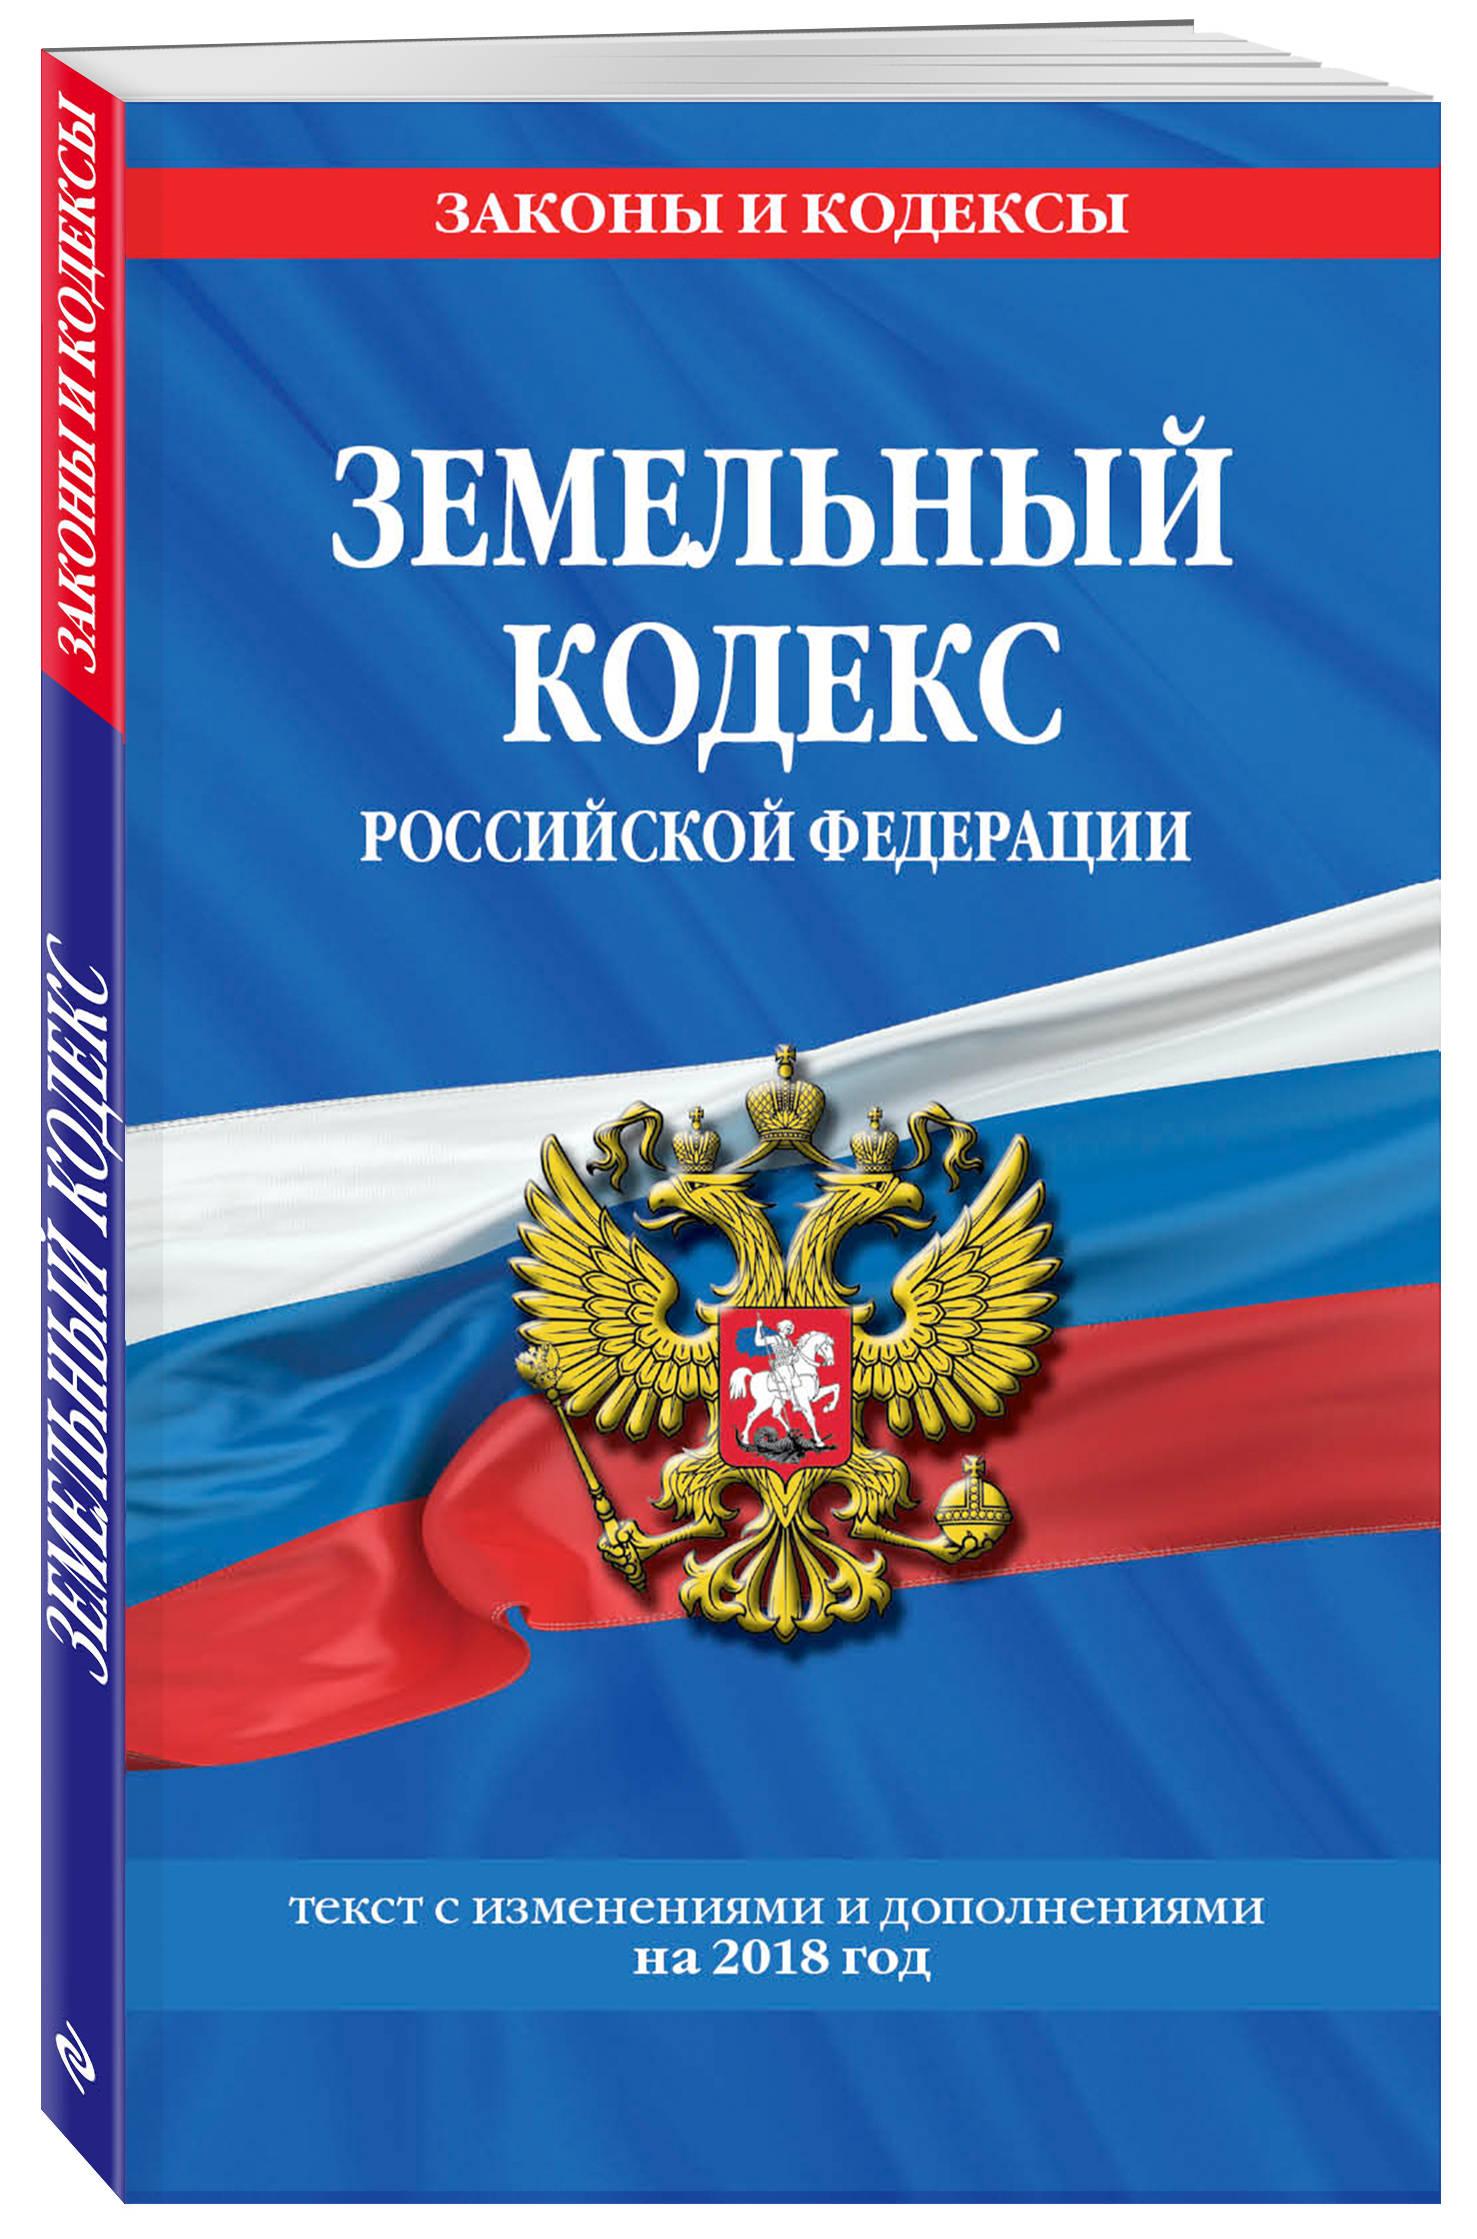 кодекс Российской Федерации: текст с посл. изм. 2018 г.